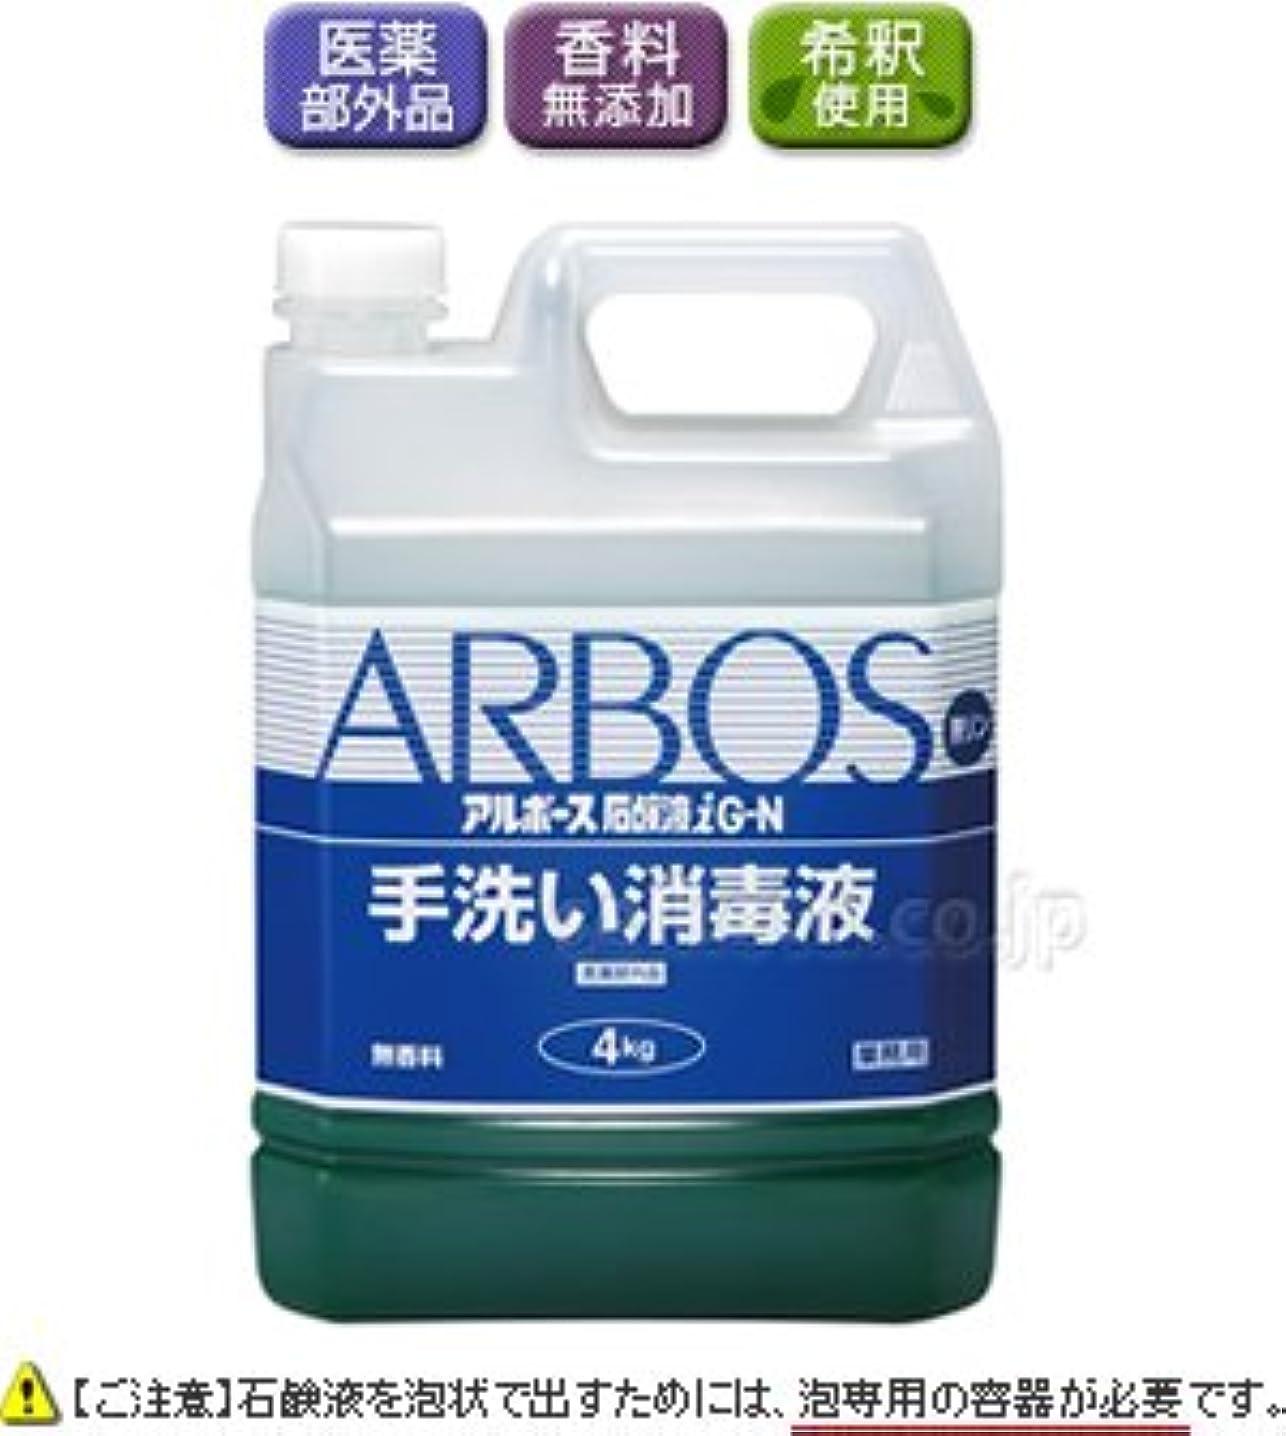 カフェテリアネックレット推進力【清潔キレイ館】アルボース石鹸液iG-N(4kg×1本)